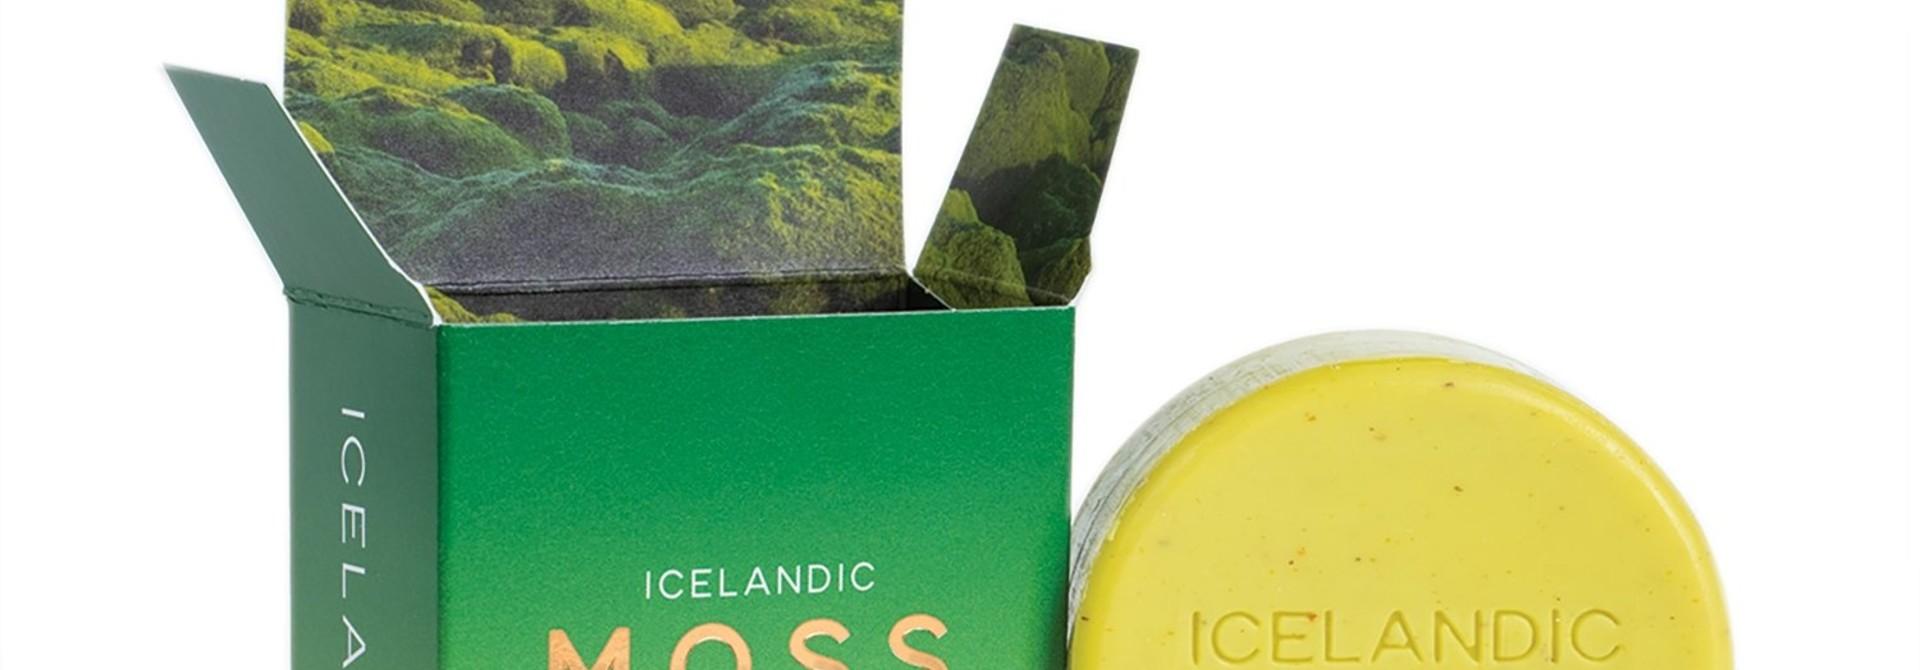 HALLÓ SÁPA - Icelandic Moss